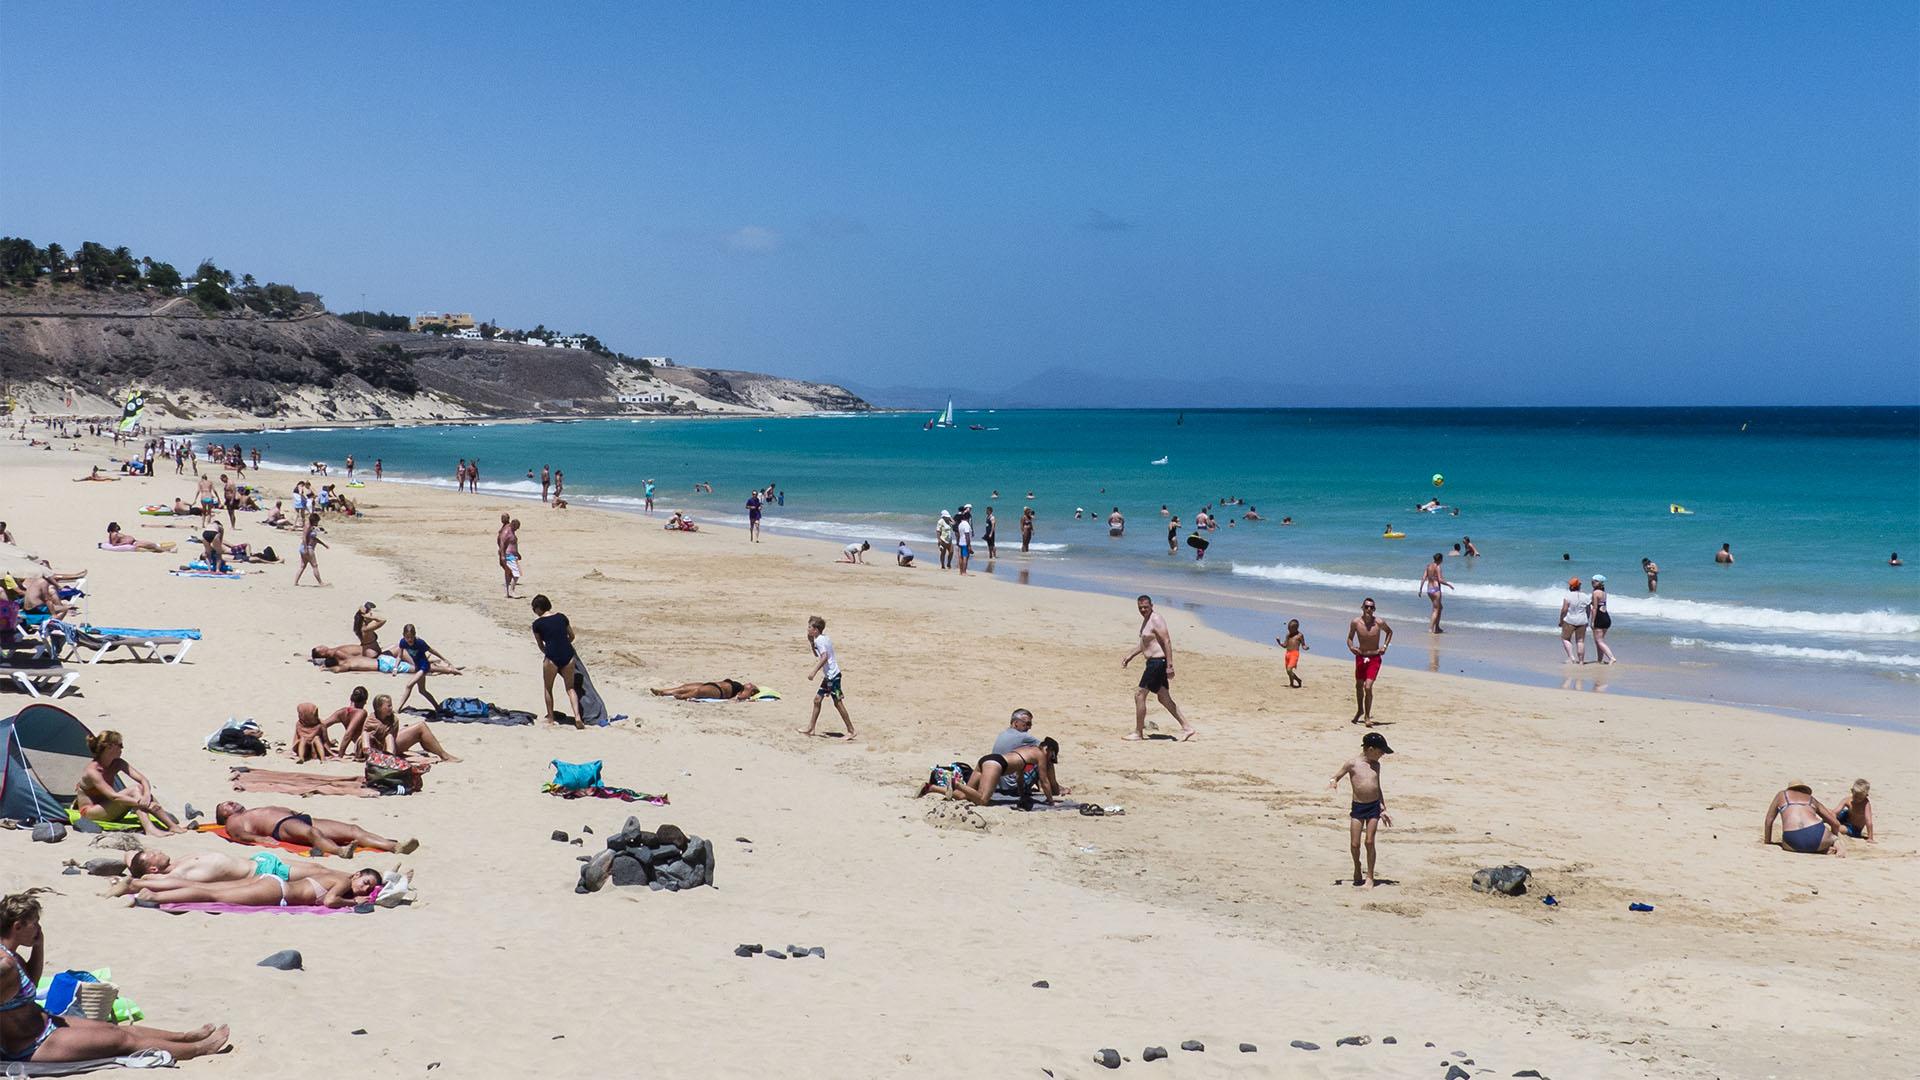 Die Strände Fuerteventuras: Halbinsel Jandía, Playa de Butihondo.